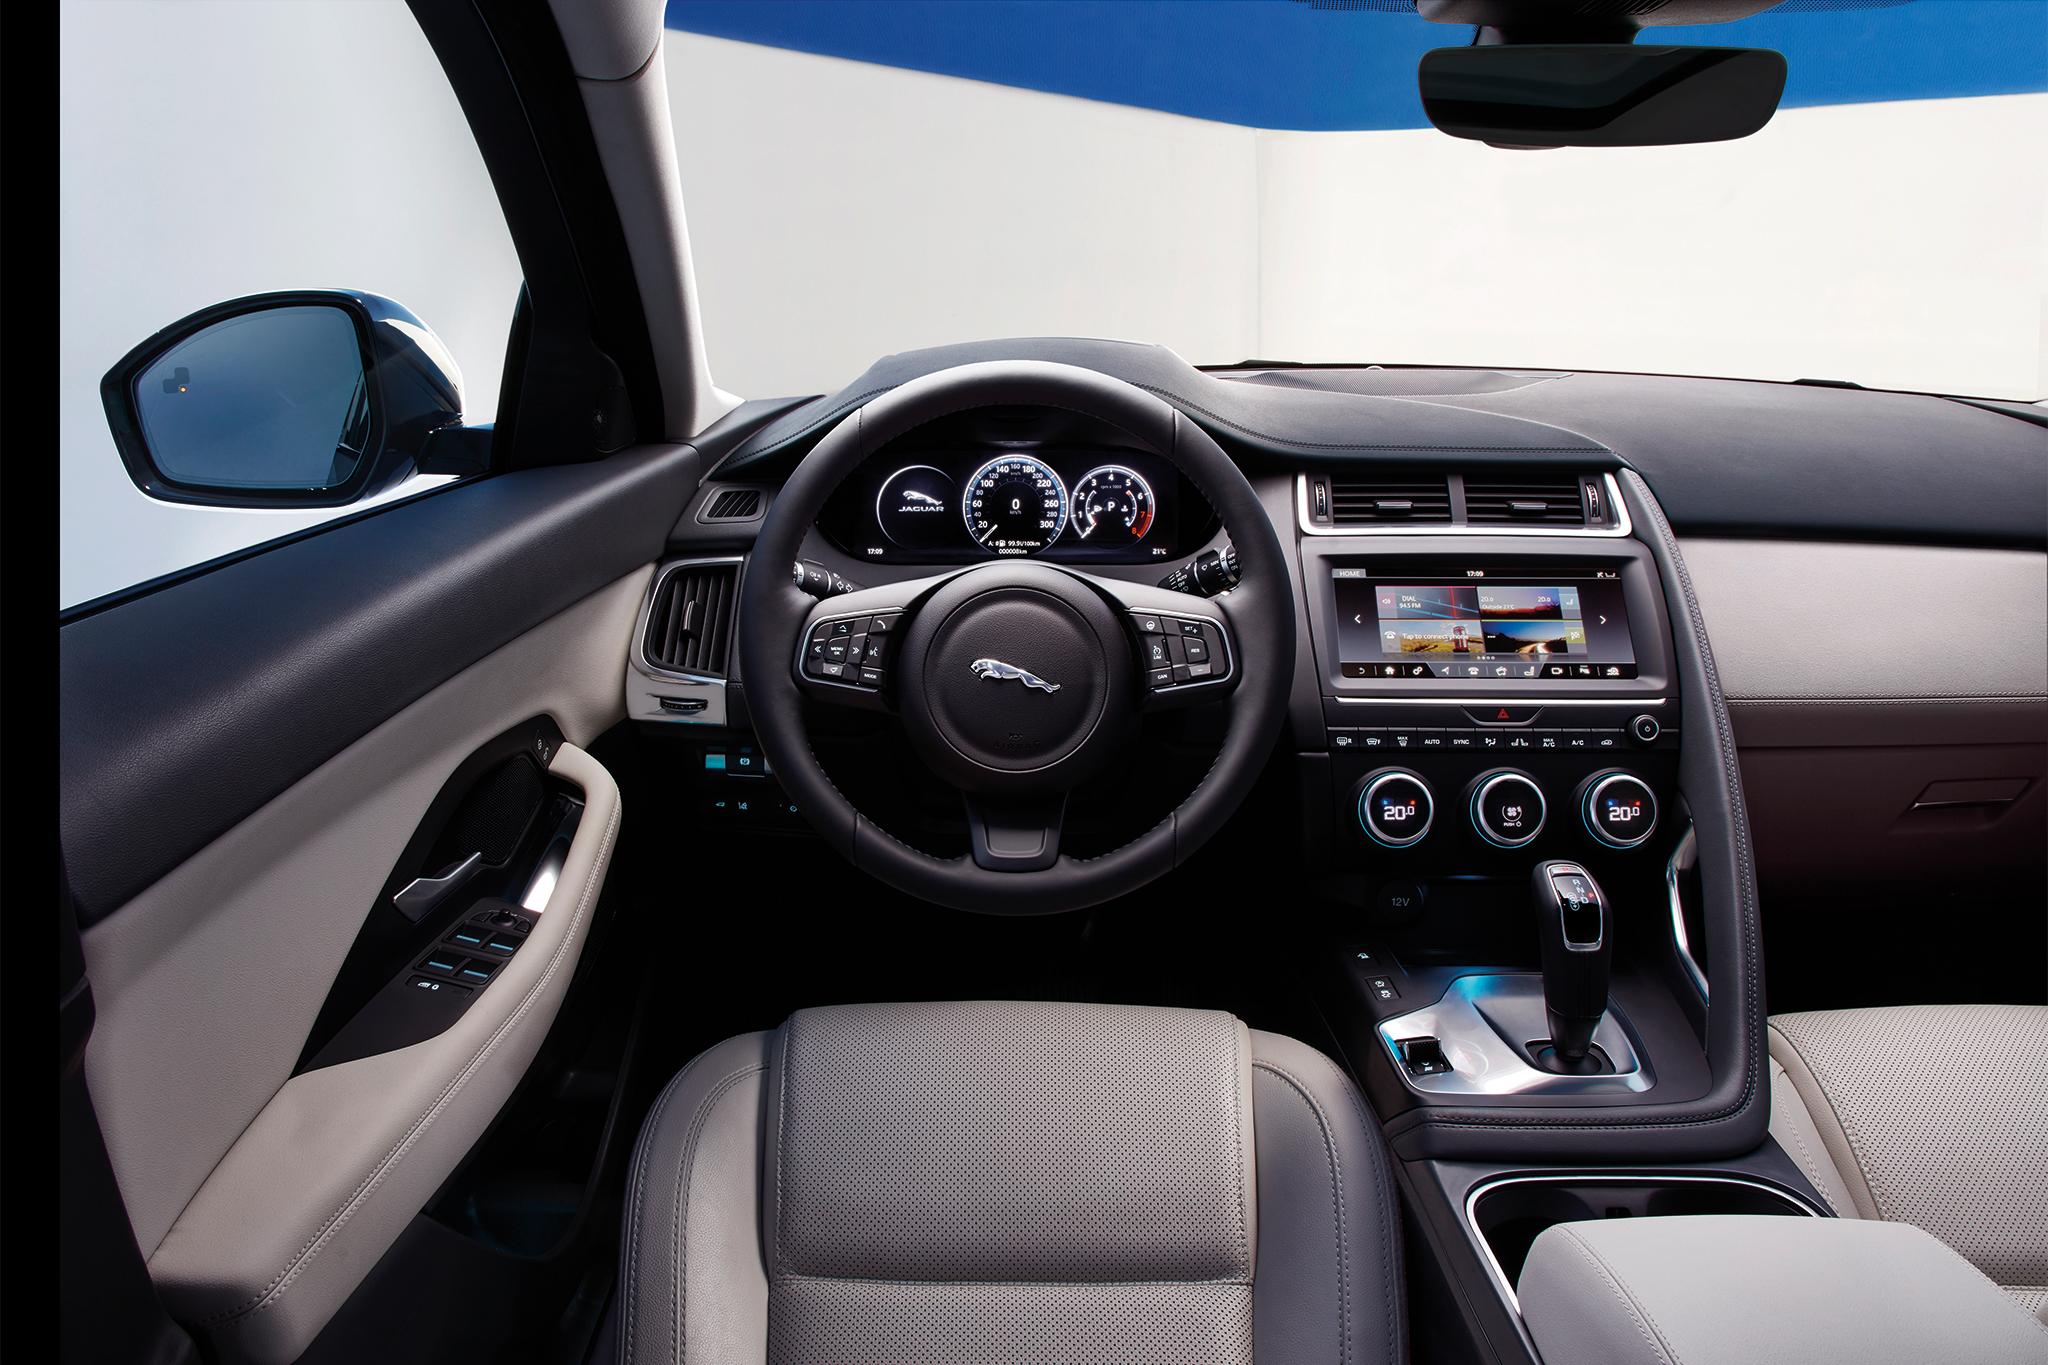 2018-jaguar-e-pace-cabin-02